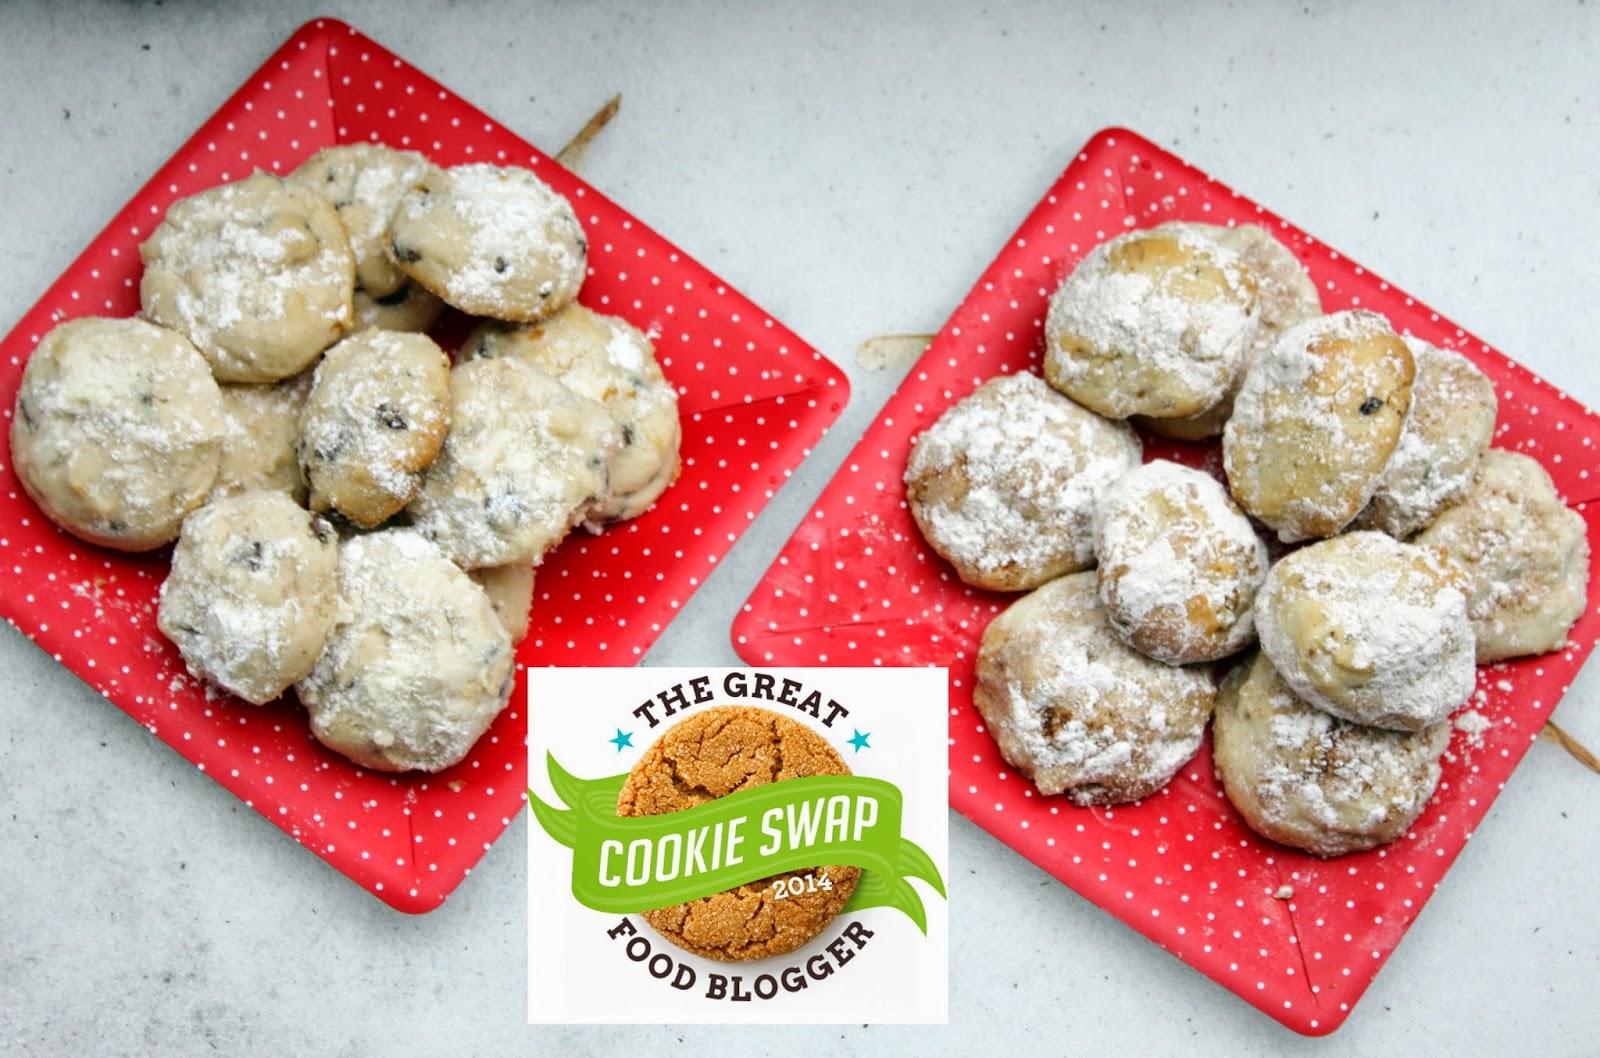 Great Food Cookie Swap 2014